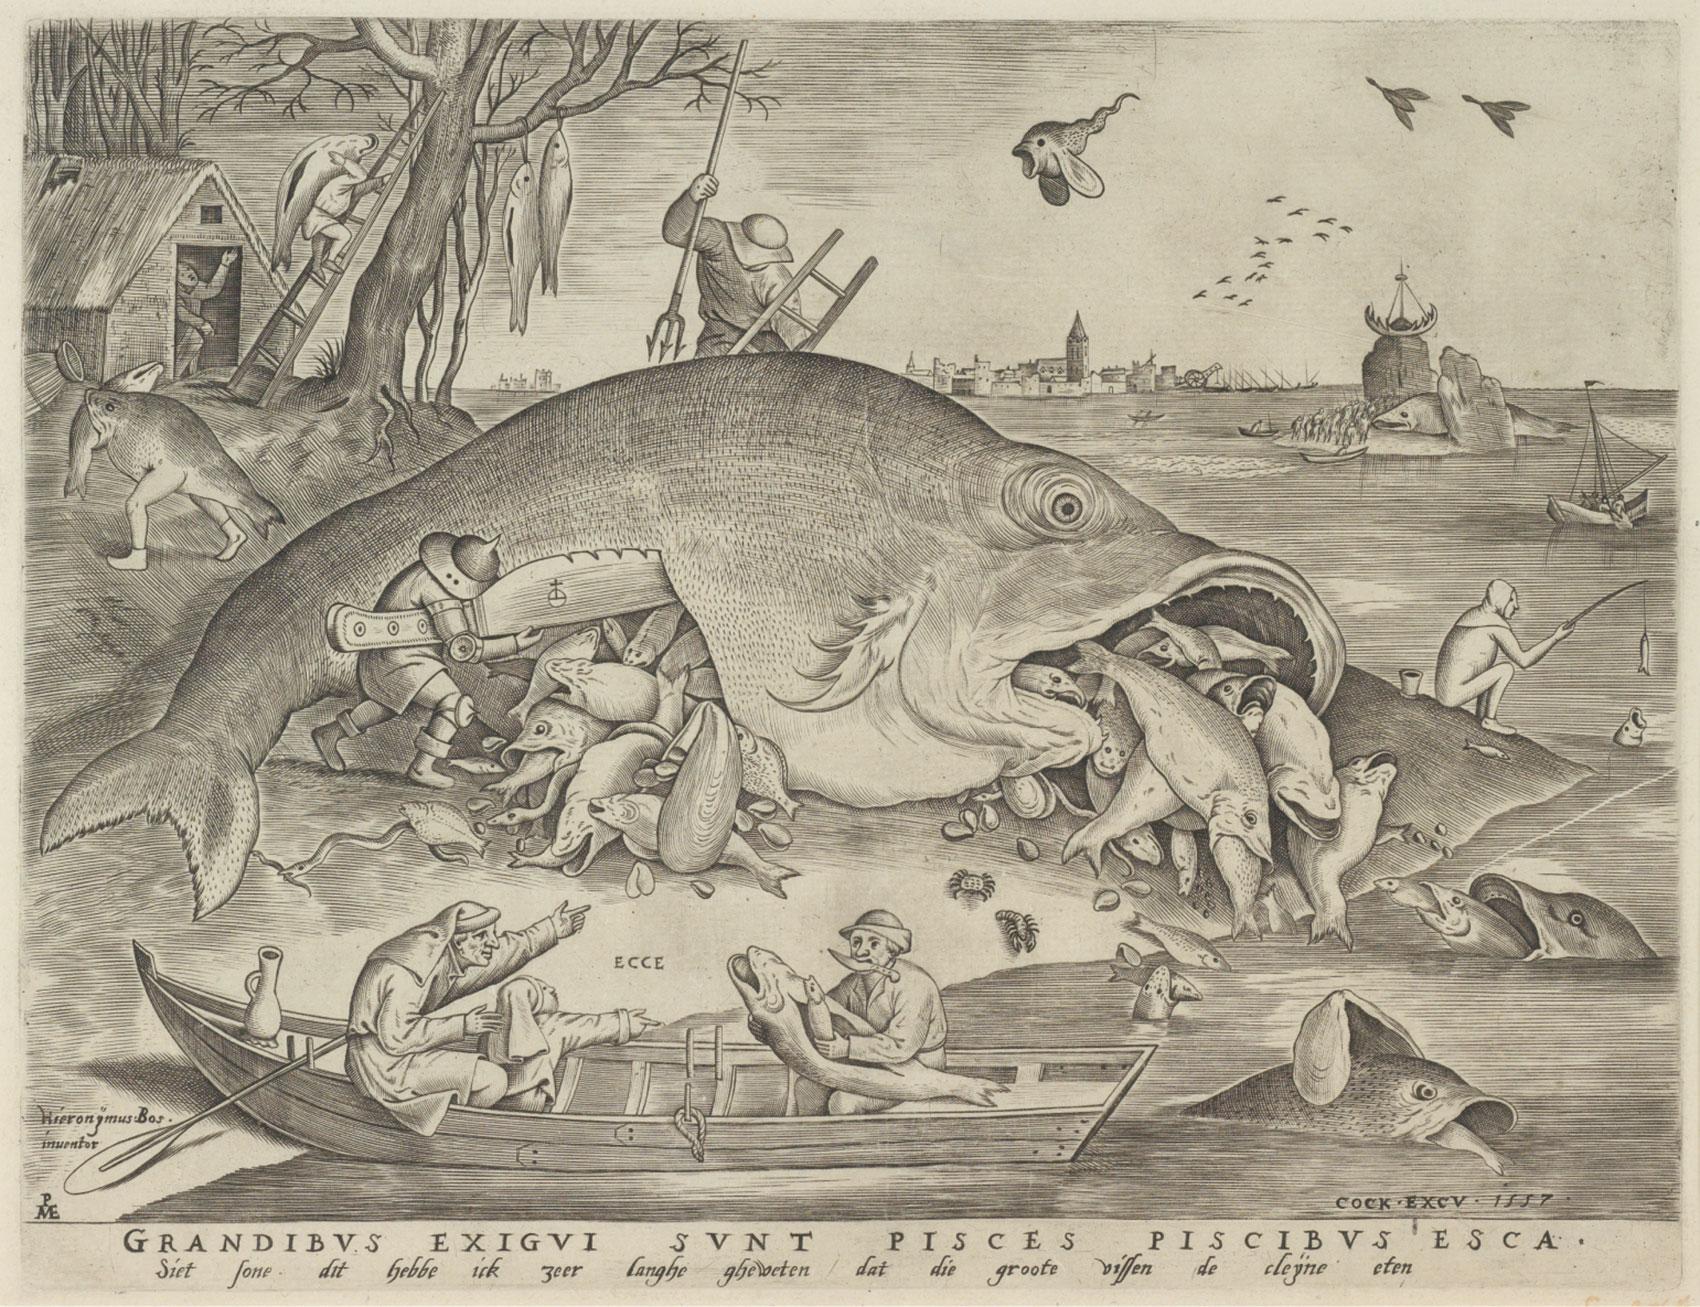 ピーテル・ブリューゲル1世(下絵)/ピーテル・ファン・デル・ヘイデン(版刻) 「大きな魚は小さな魚を食う」1557年 エングレーヴィング Museum BVB, Rotterdam, the Netherlands